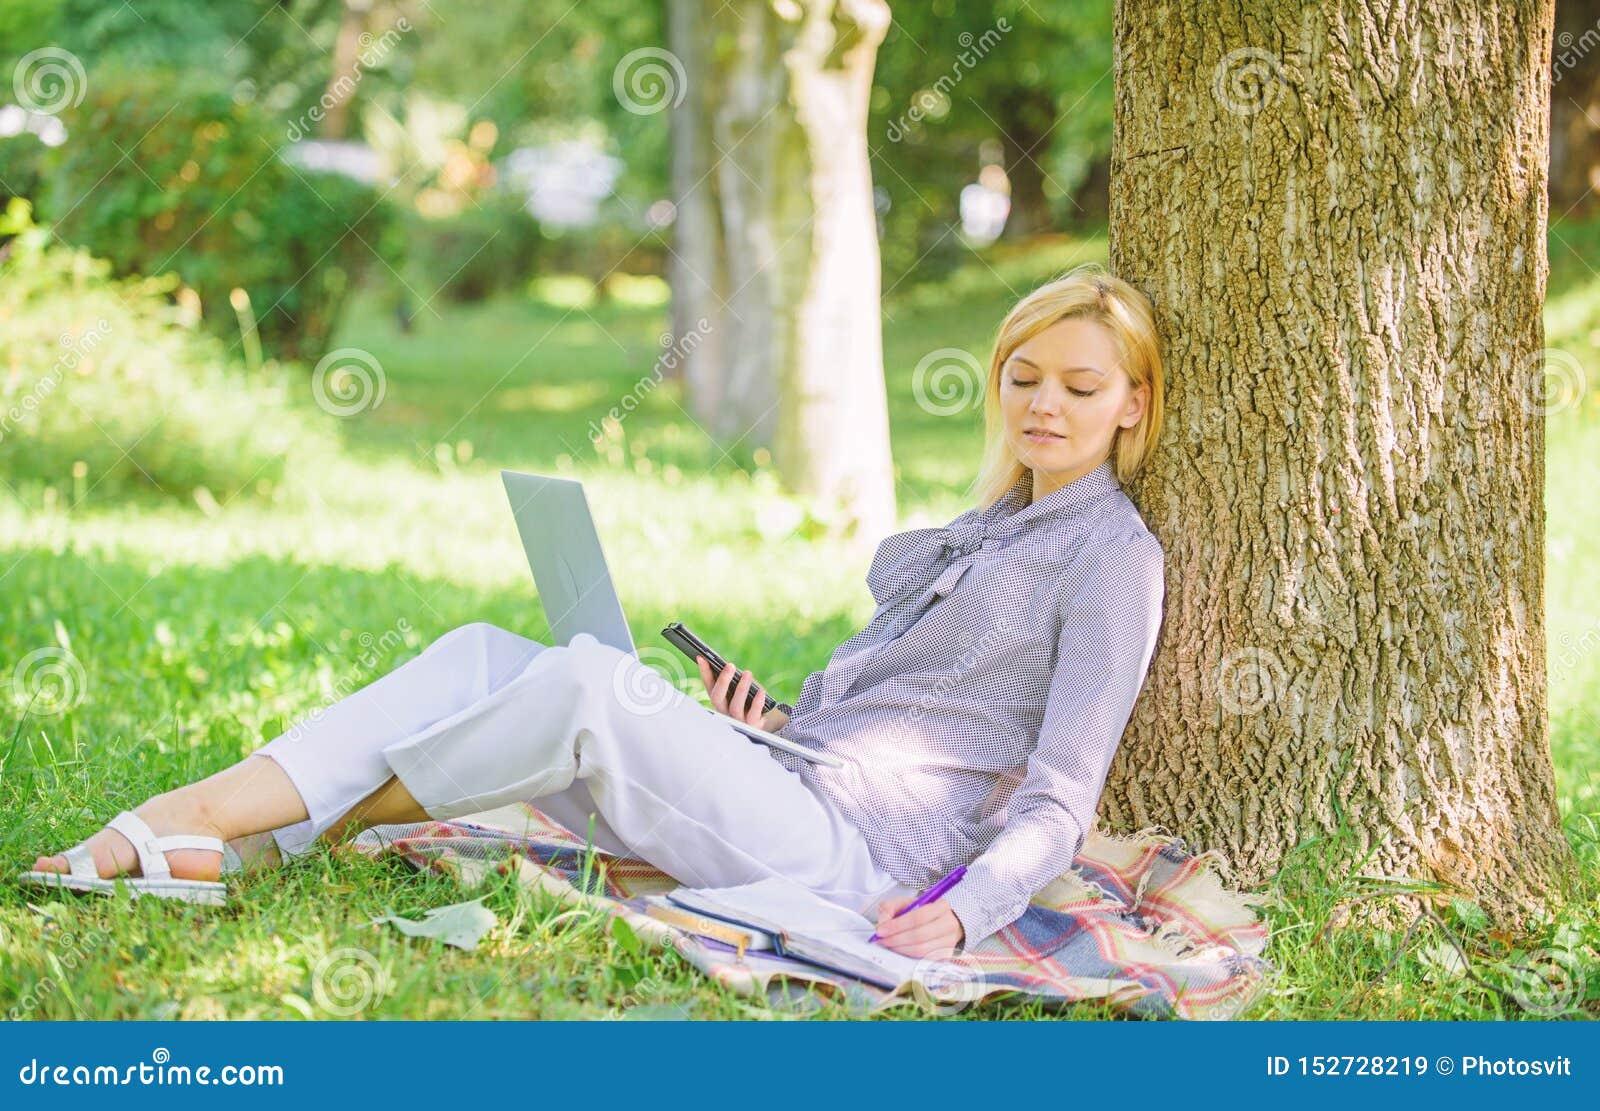 Frau mit Laptop-Computer Arbeit drau?en mager auf Baumstamm M?dchenarbeit mit Laptop im Park auf Gras sitzen frech